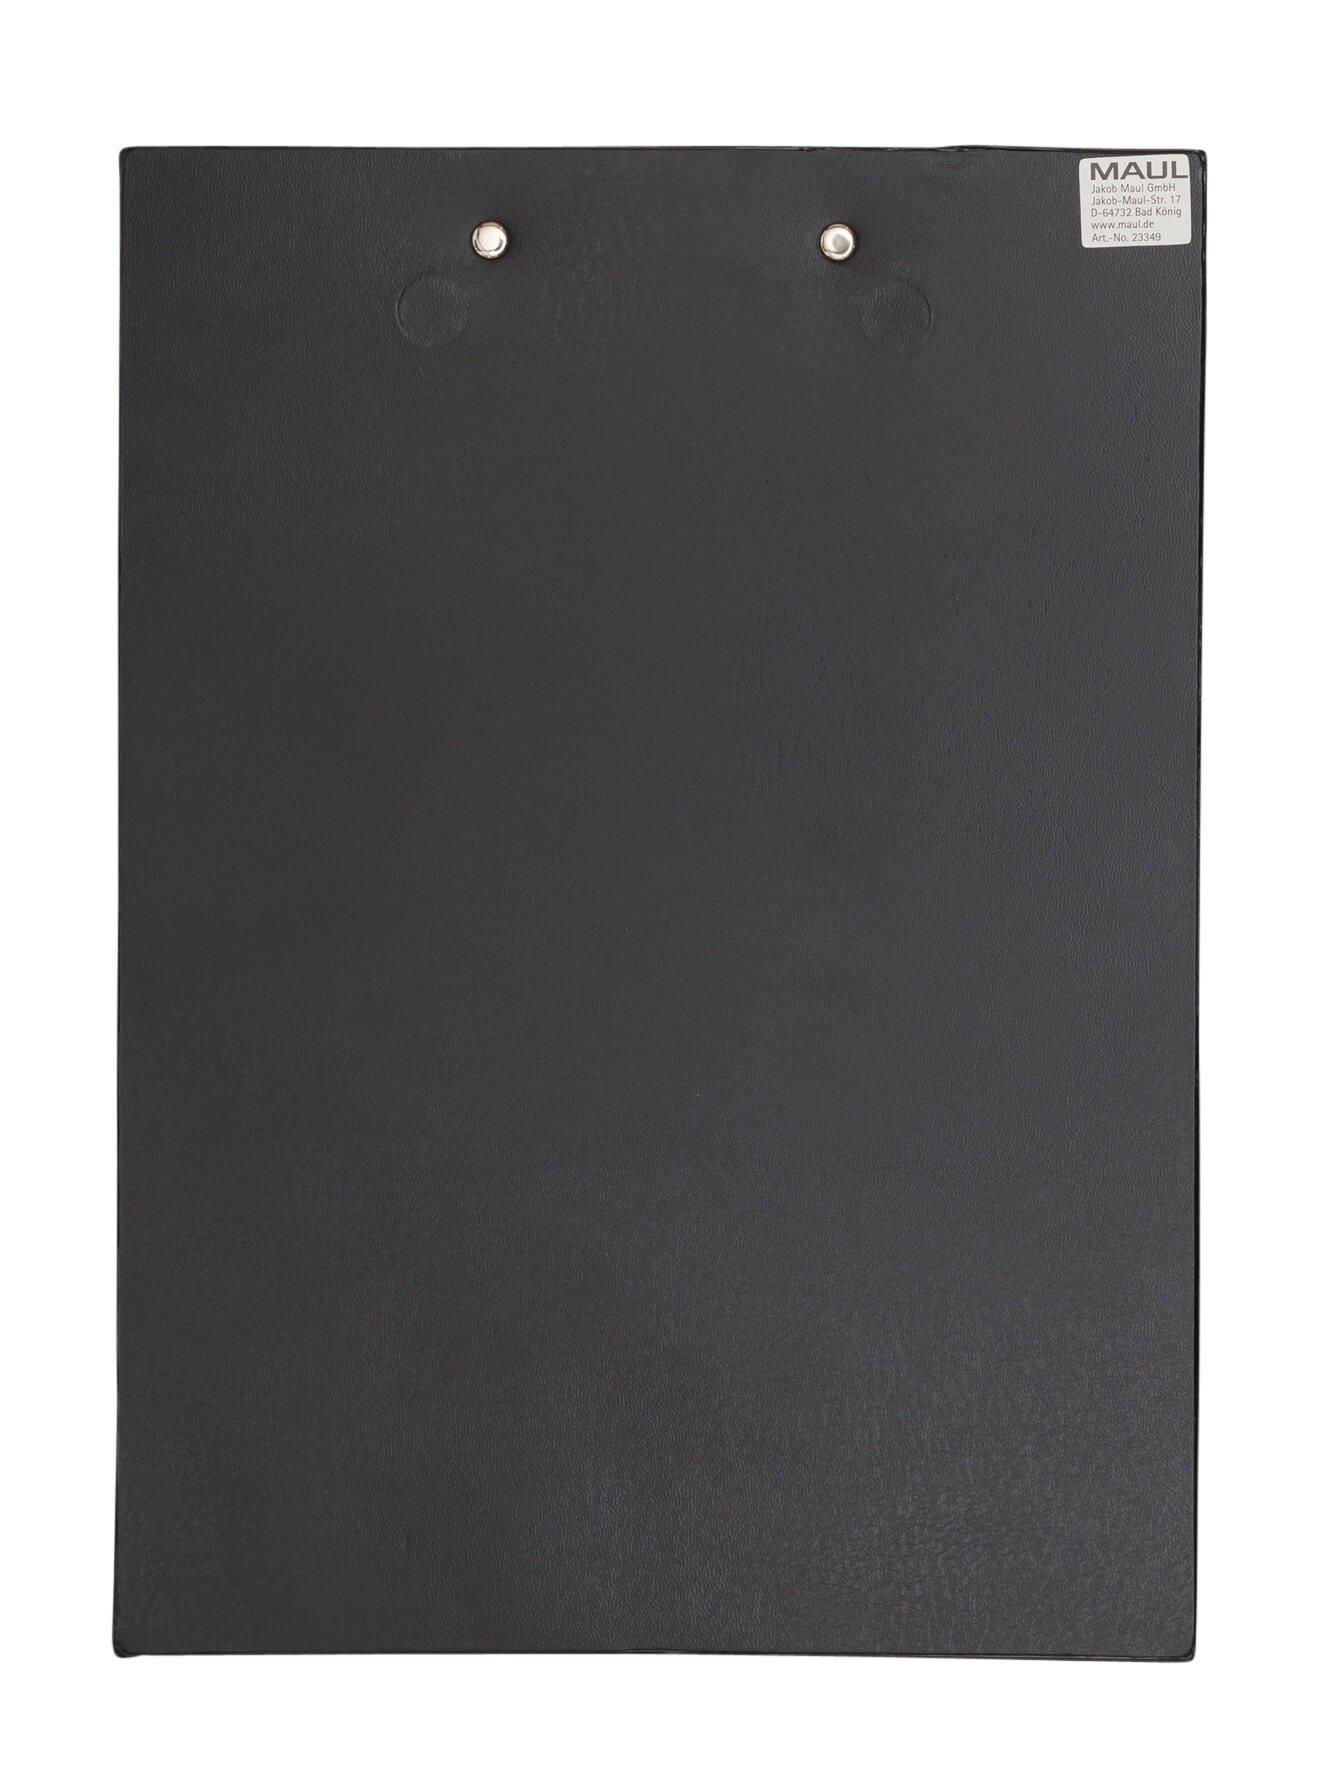 A4 Schreibplatte mit Folien- überzug und 2 Neodym-Magneten, schwarz